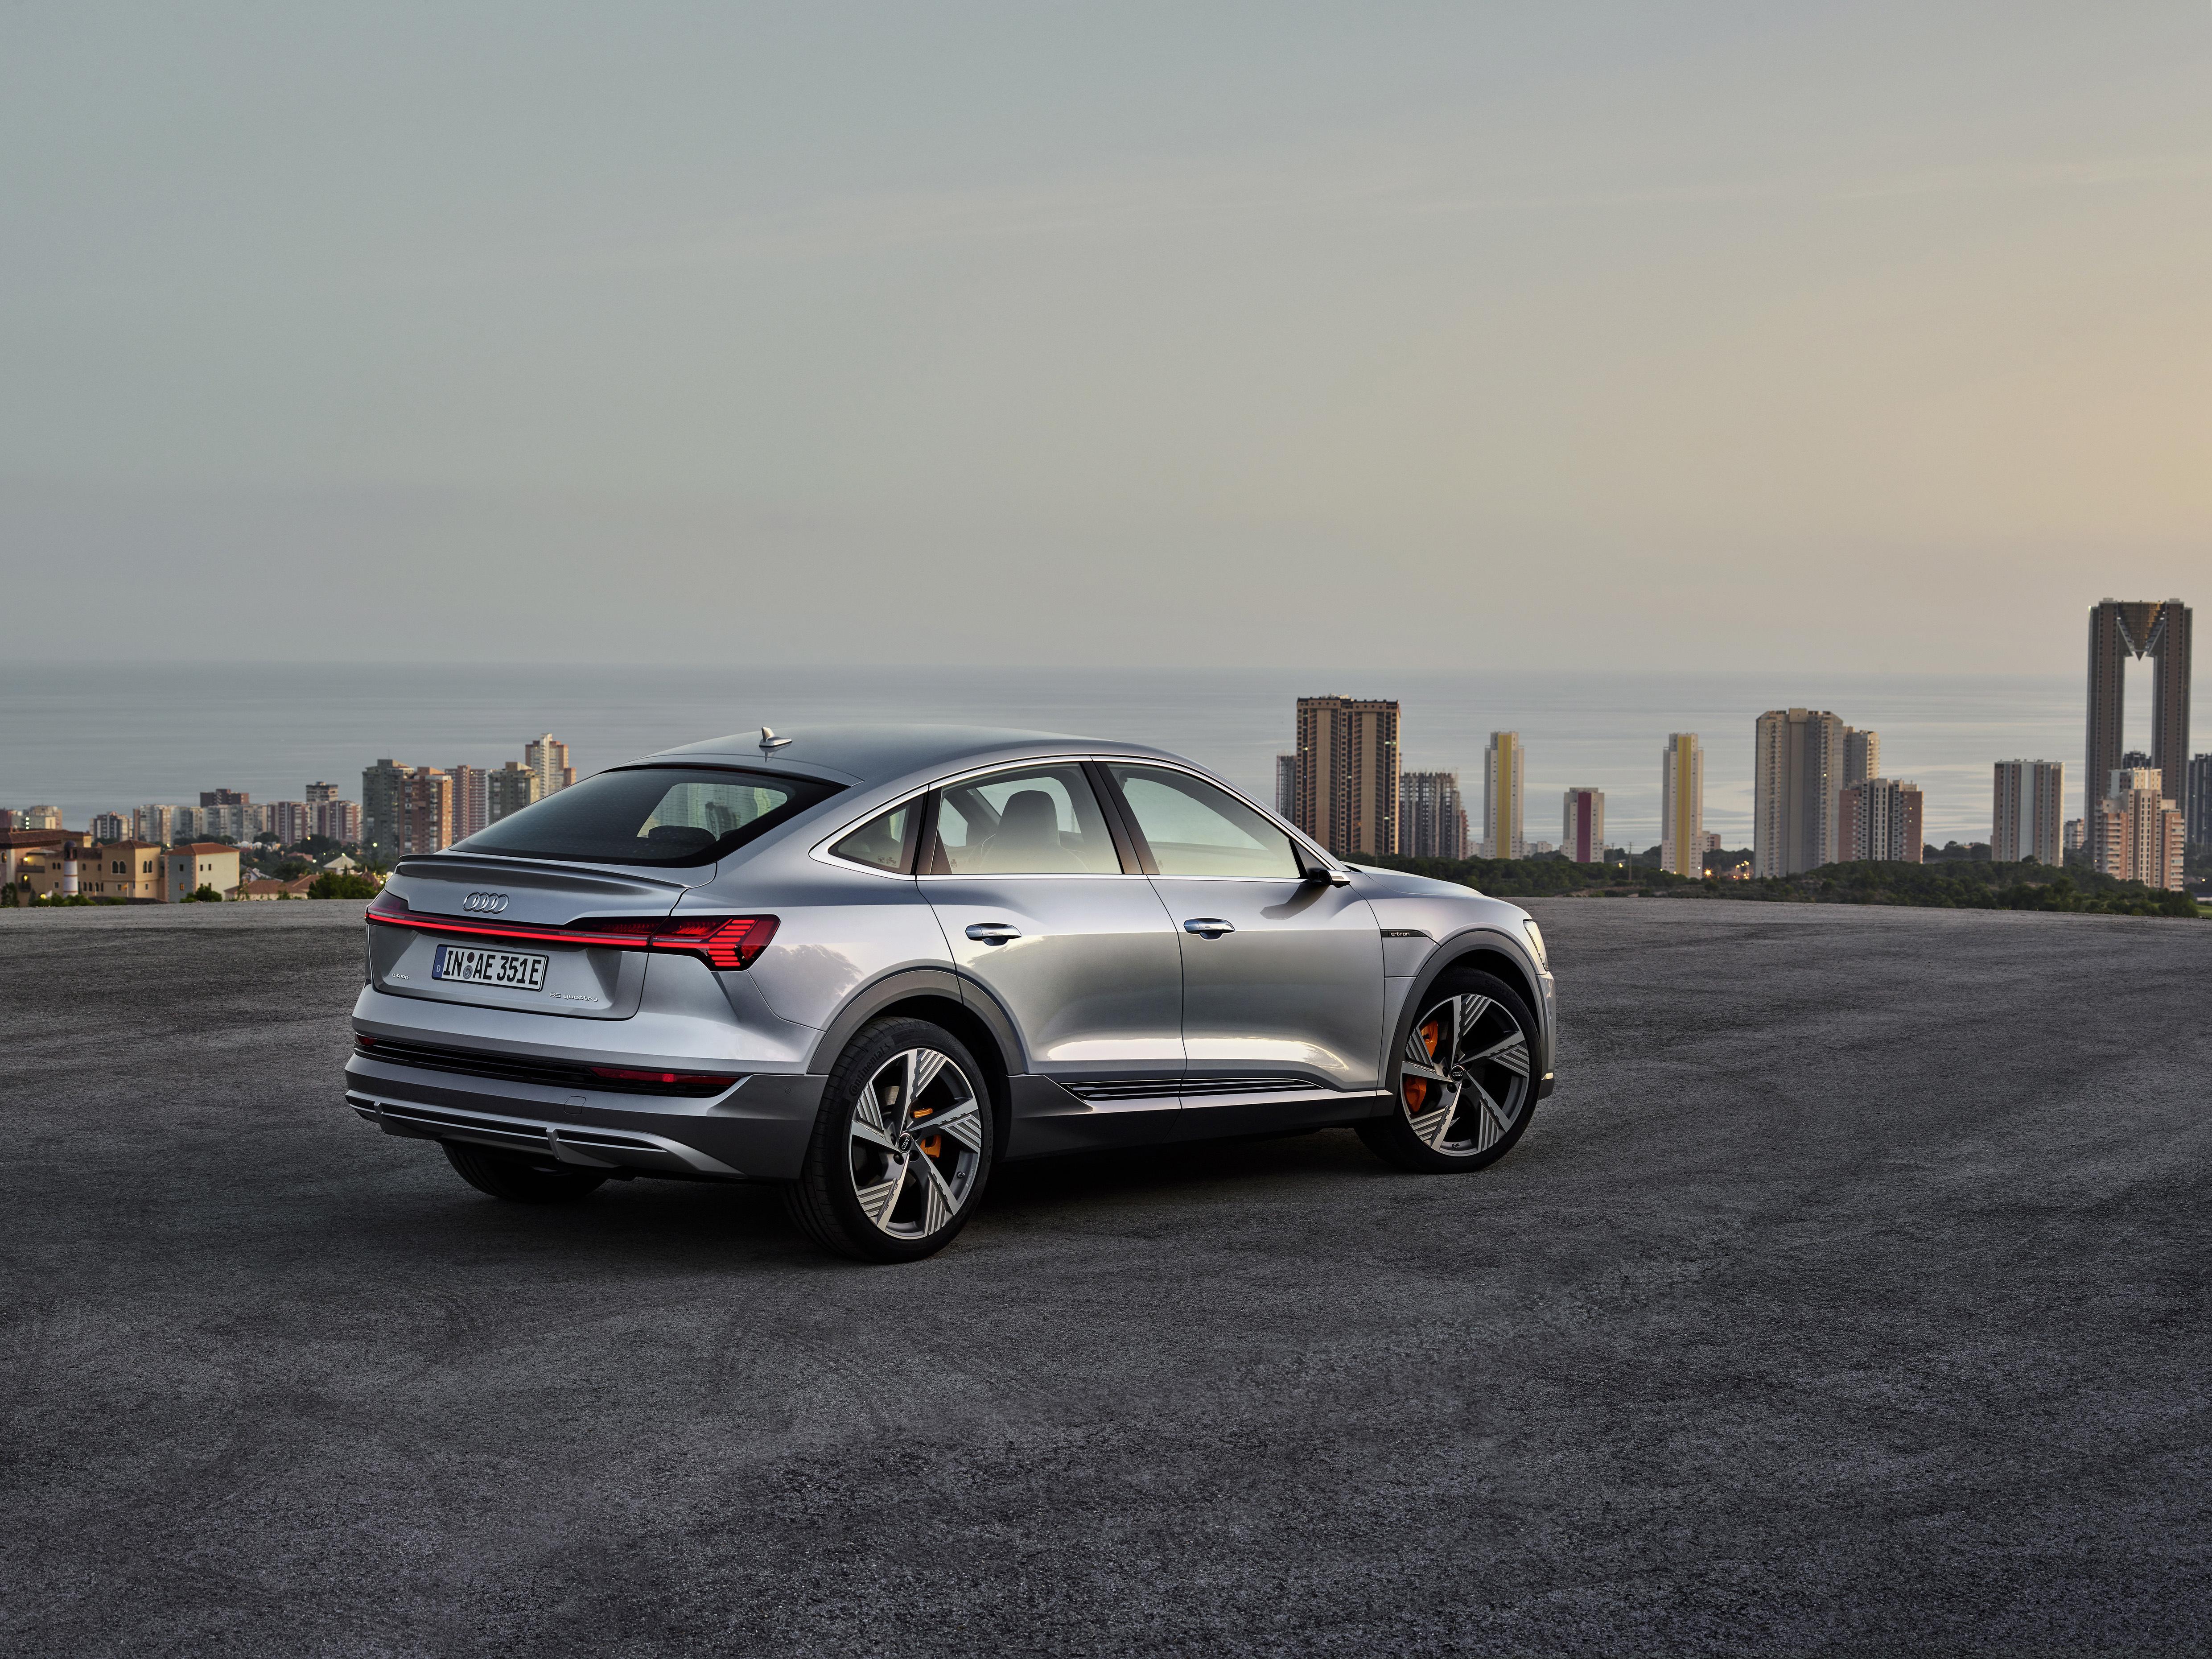 Die sportlichen Gene des Audi e-tron Sportback treten mit dem S line-Modell besonders hervor. (AUDI)